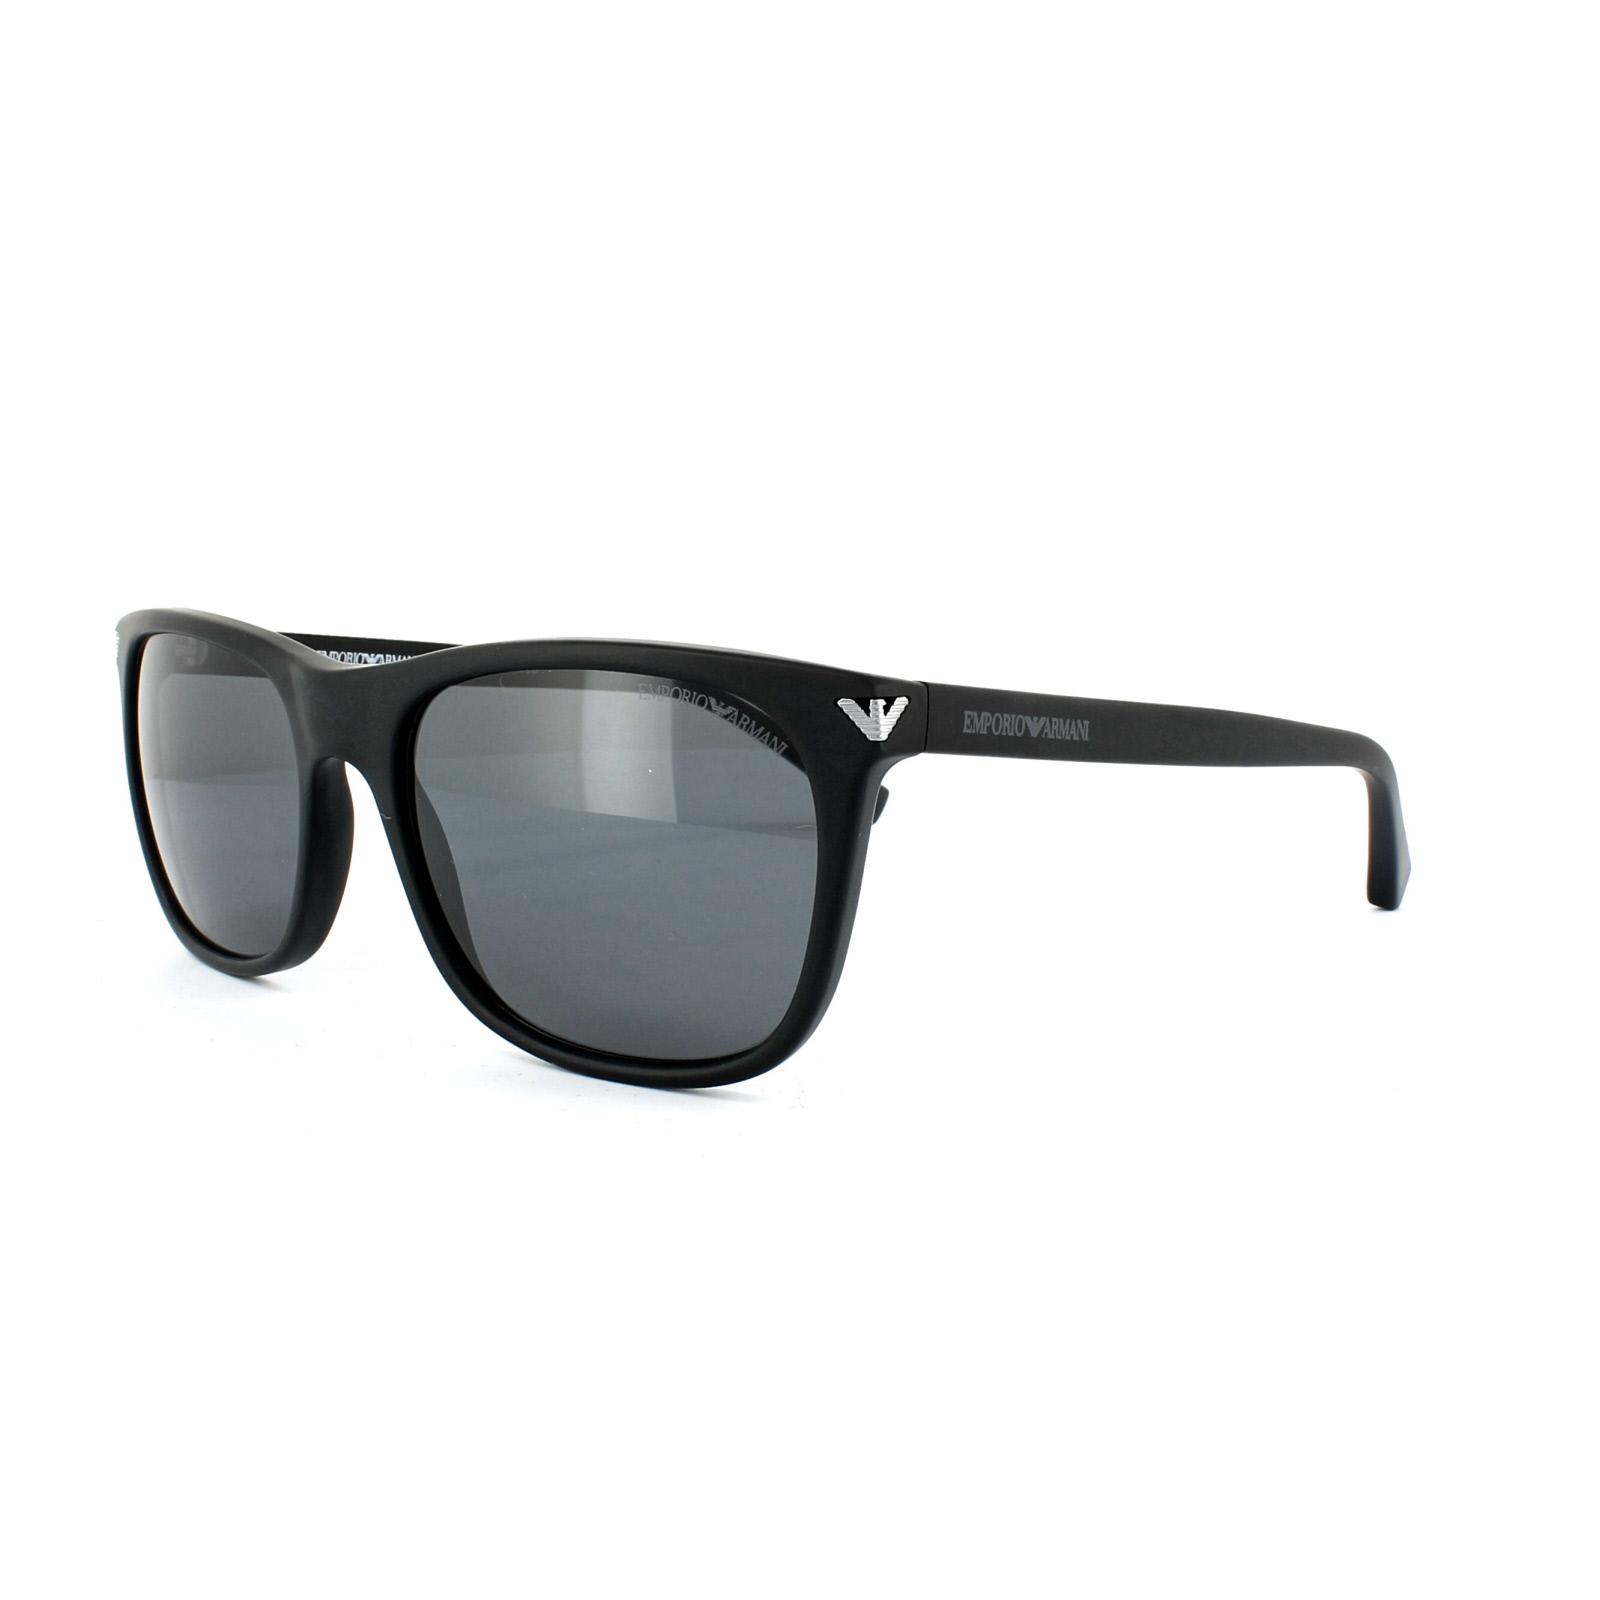 cheap emporio armani 4056 sunglasses discounted sunglasses